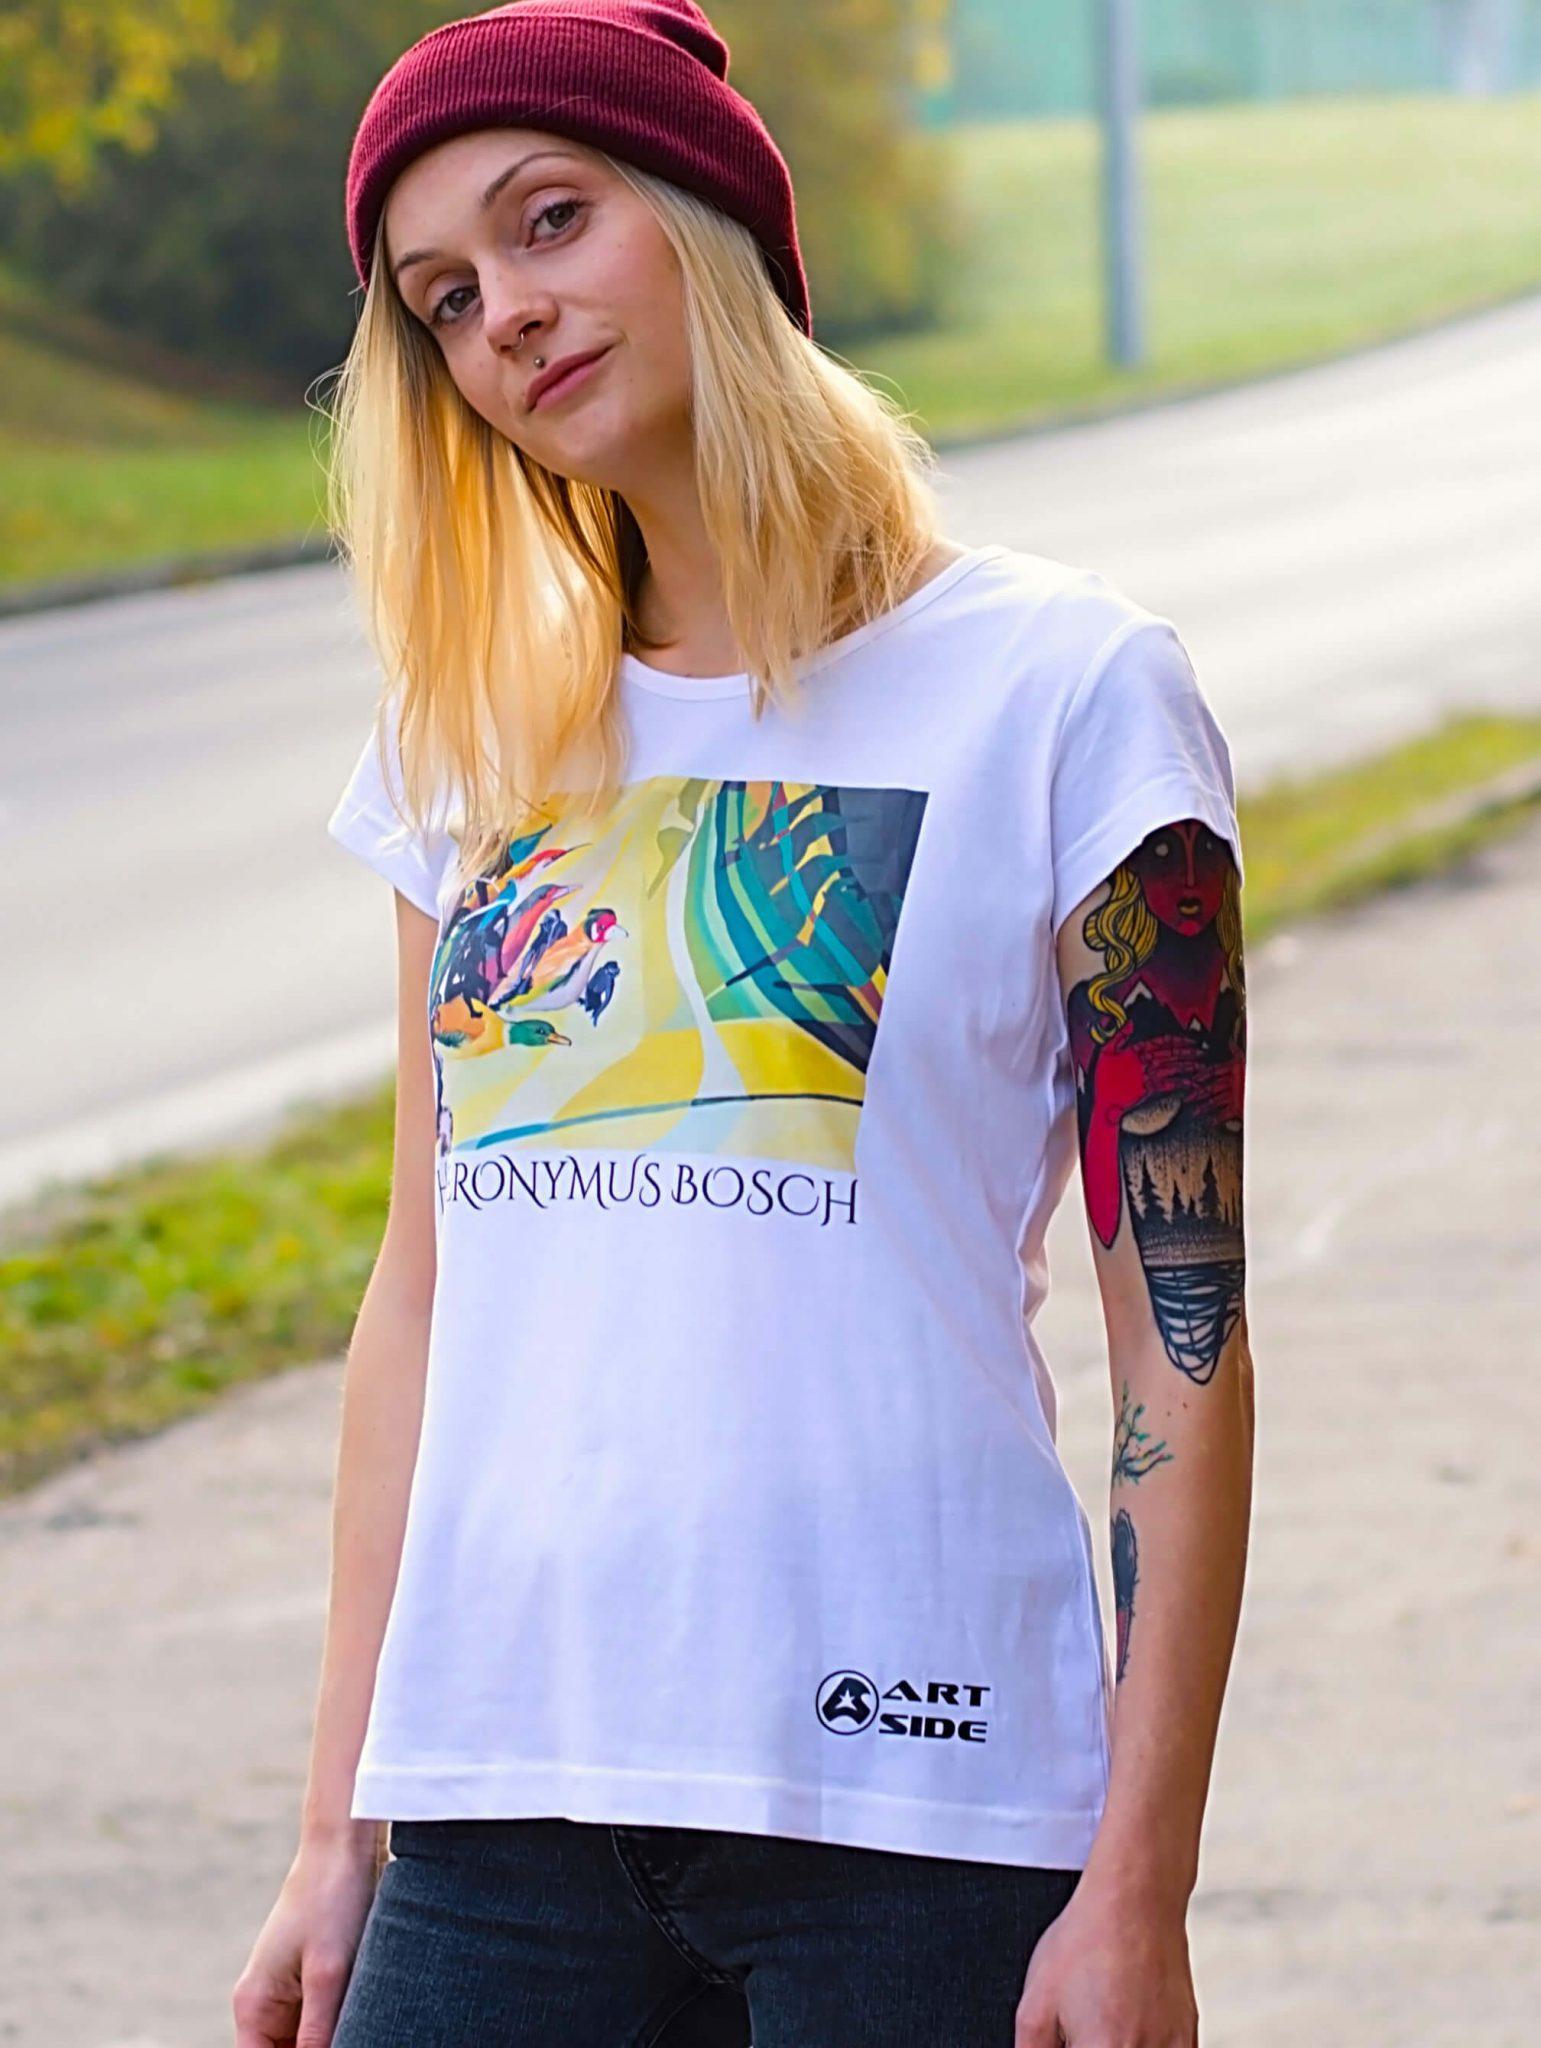 a2b0568c9a44 Dámske tričko Hieronymus Bosch ZÁHRADA POZEMSKÝCH ROZKOŠÍ – biele ...